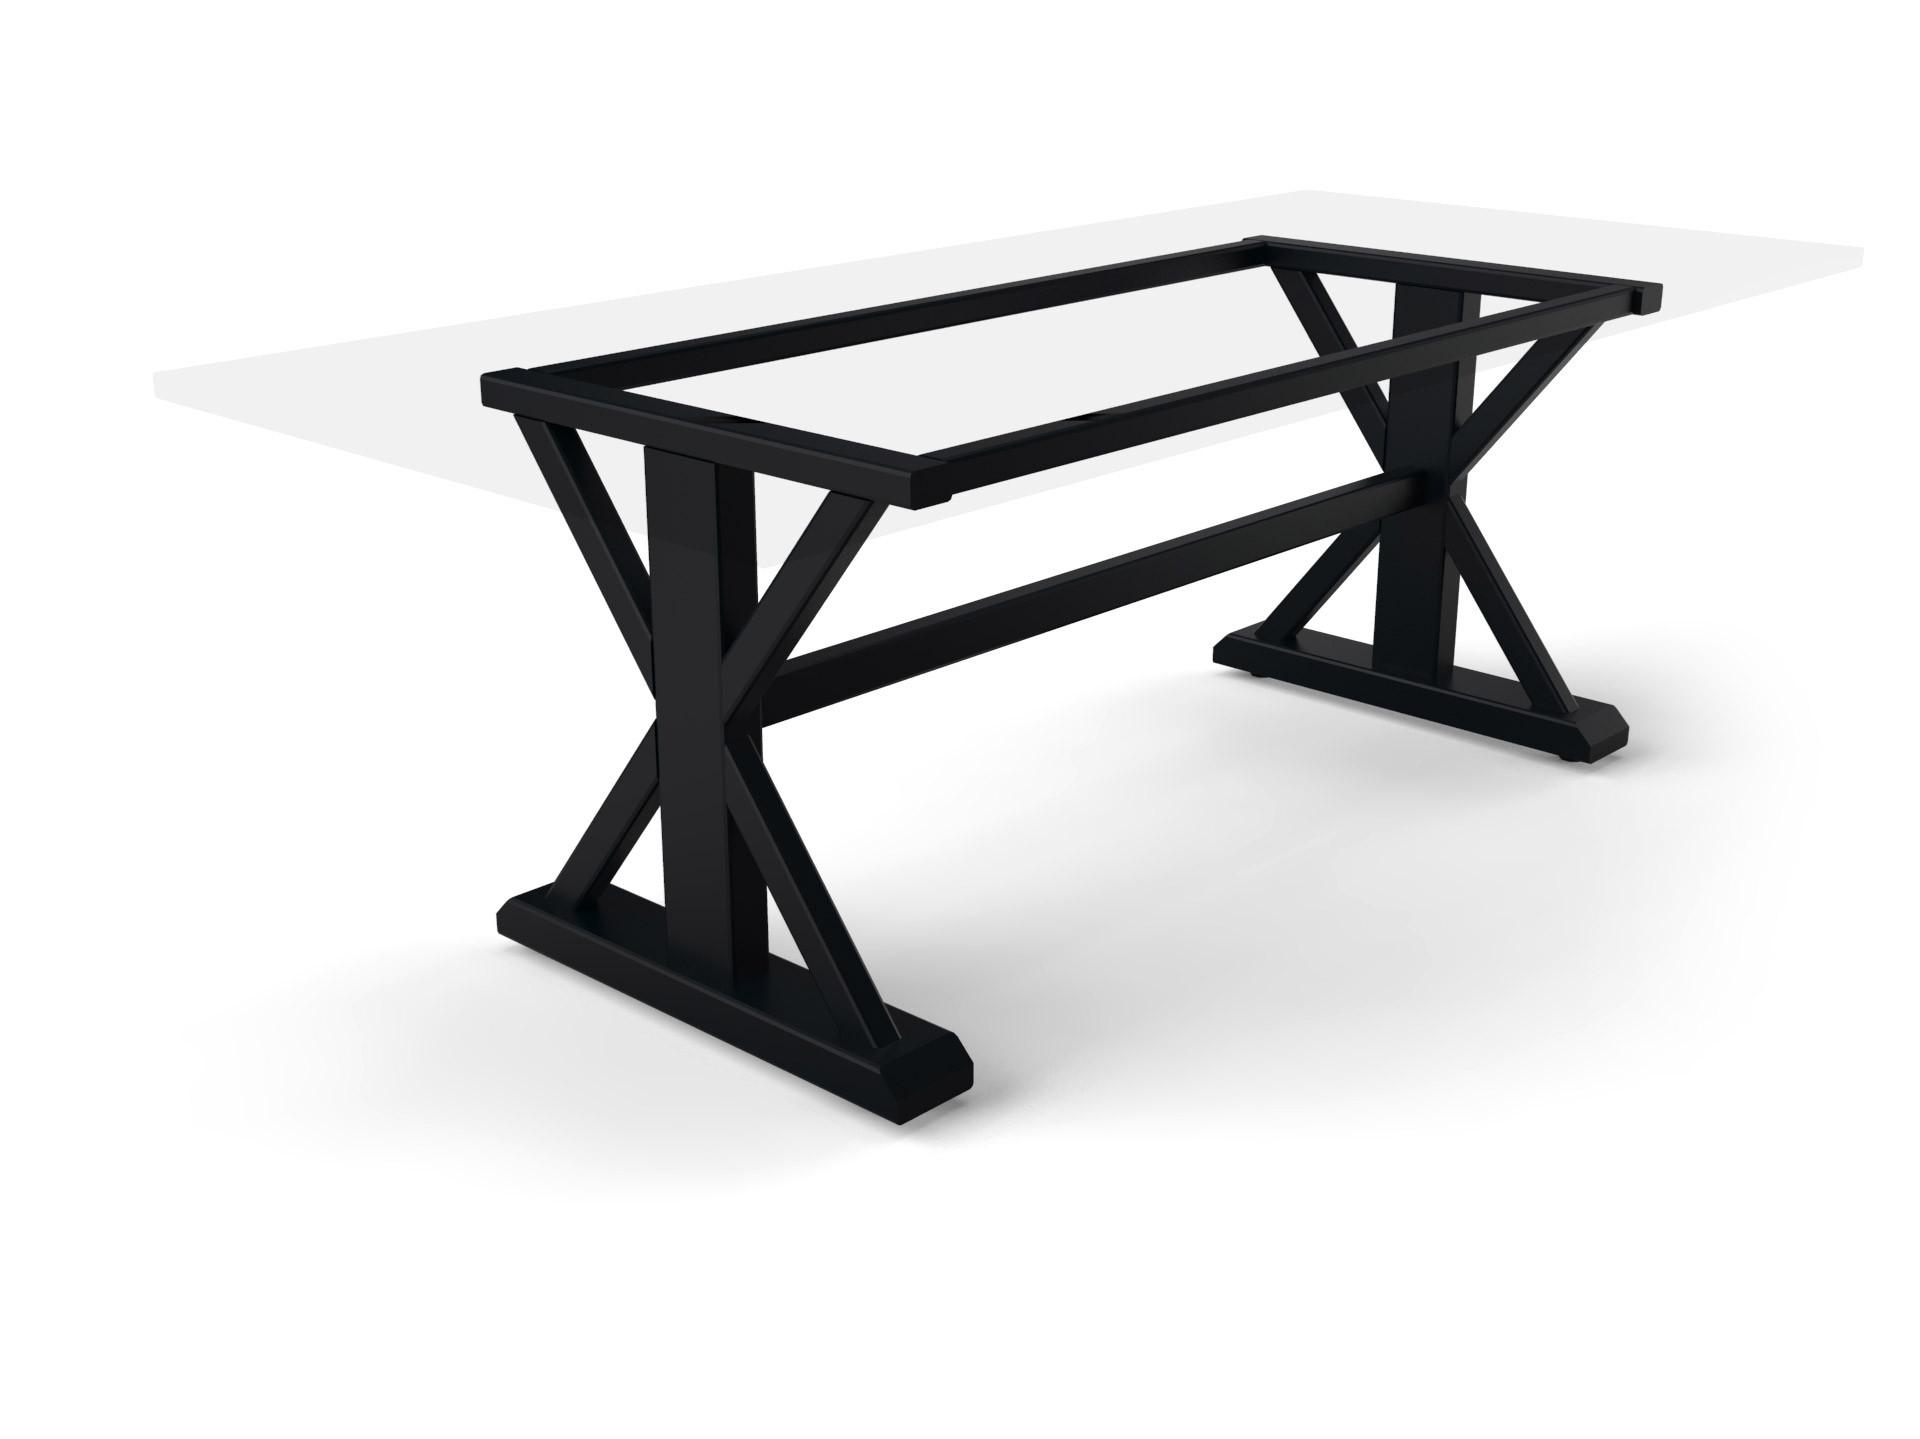 Tischgestell Monastero